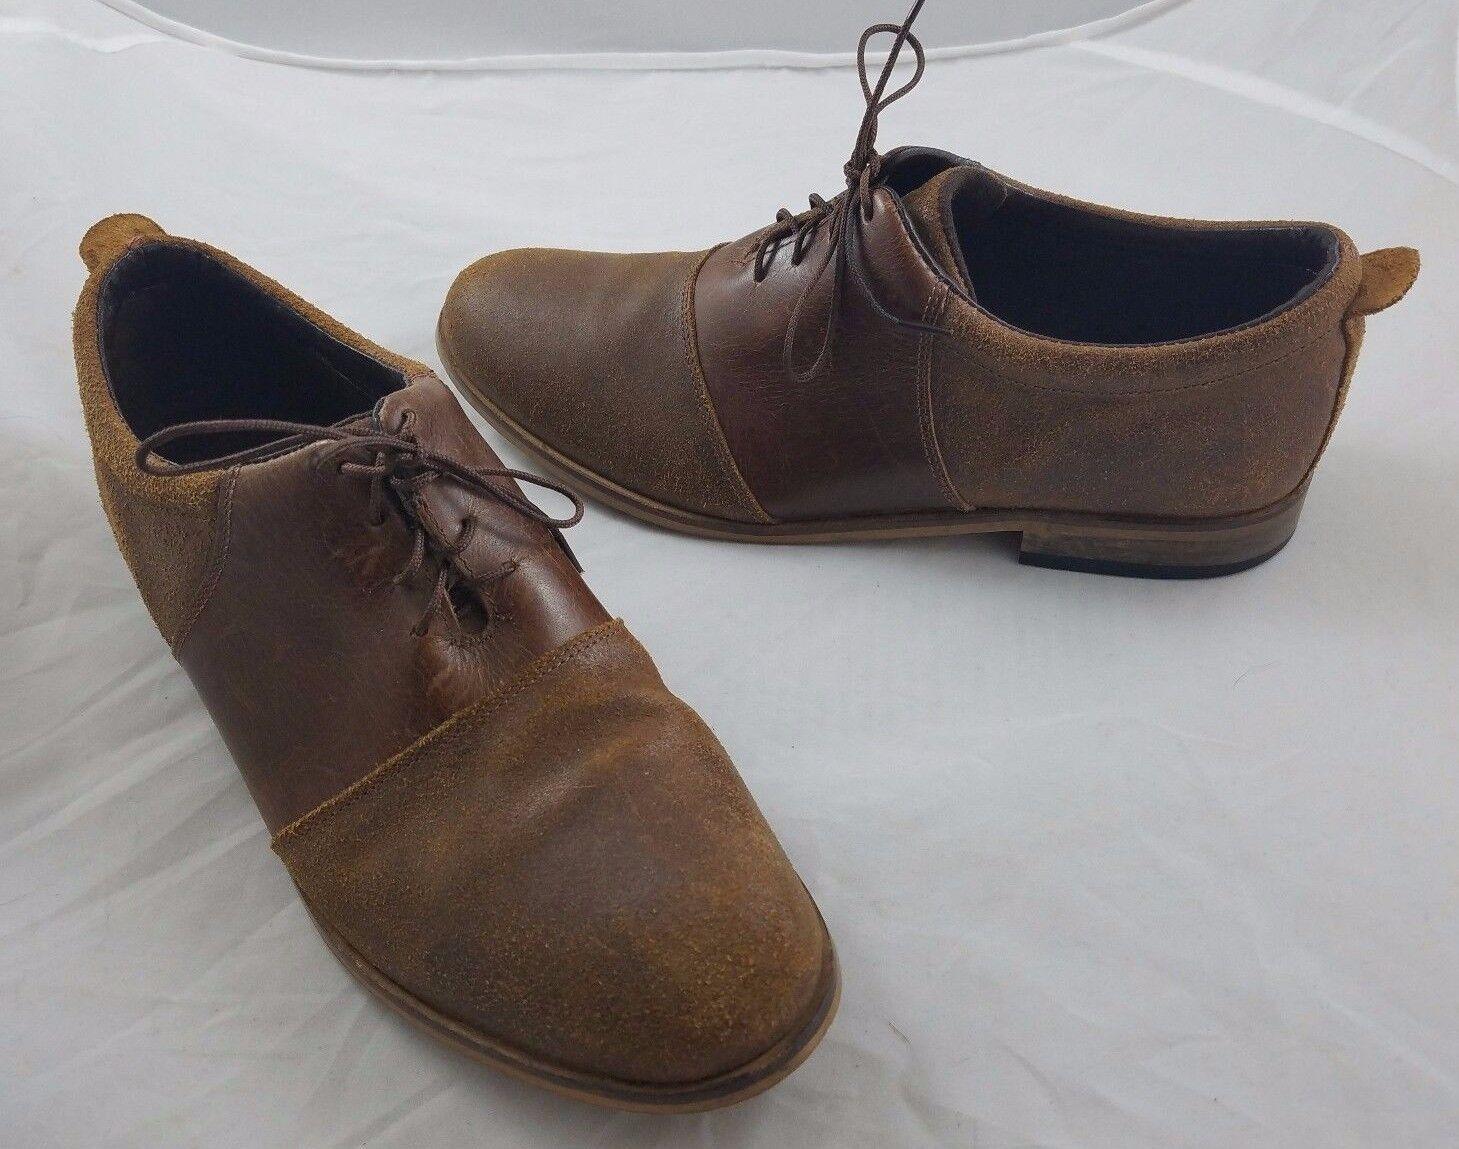 Uomo 2 Tonalità pelle Oxford Scarpe Eleganti 9.5 Doppio Leone India Marrone